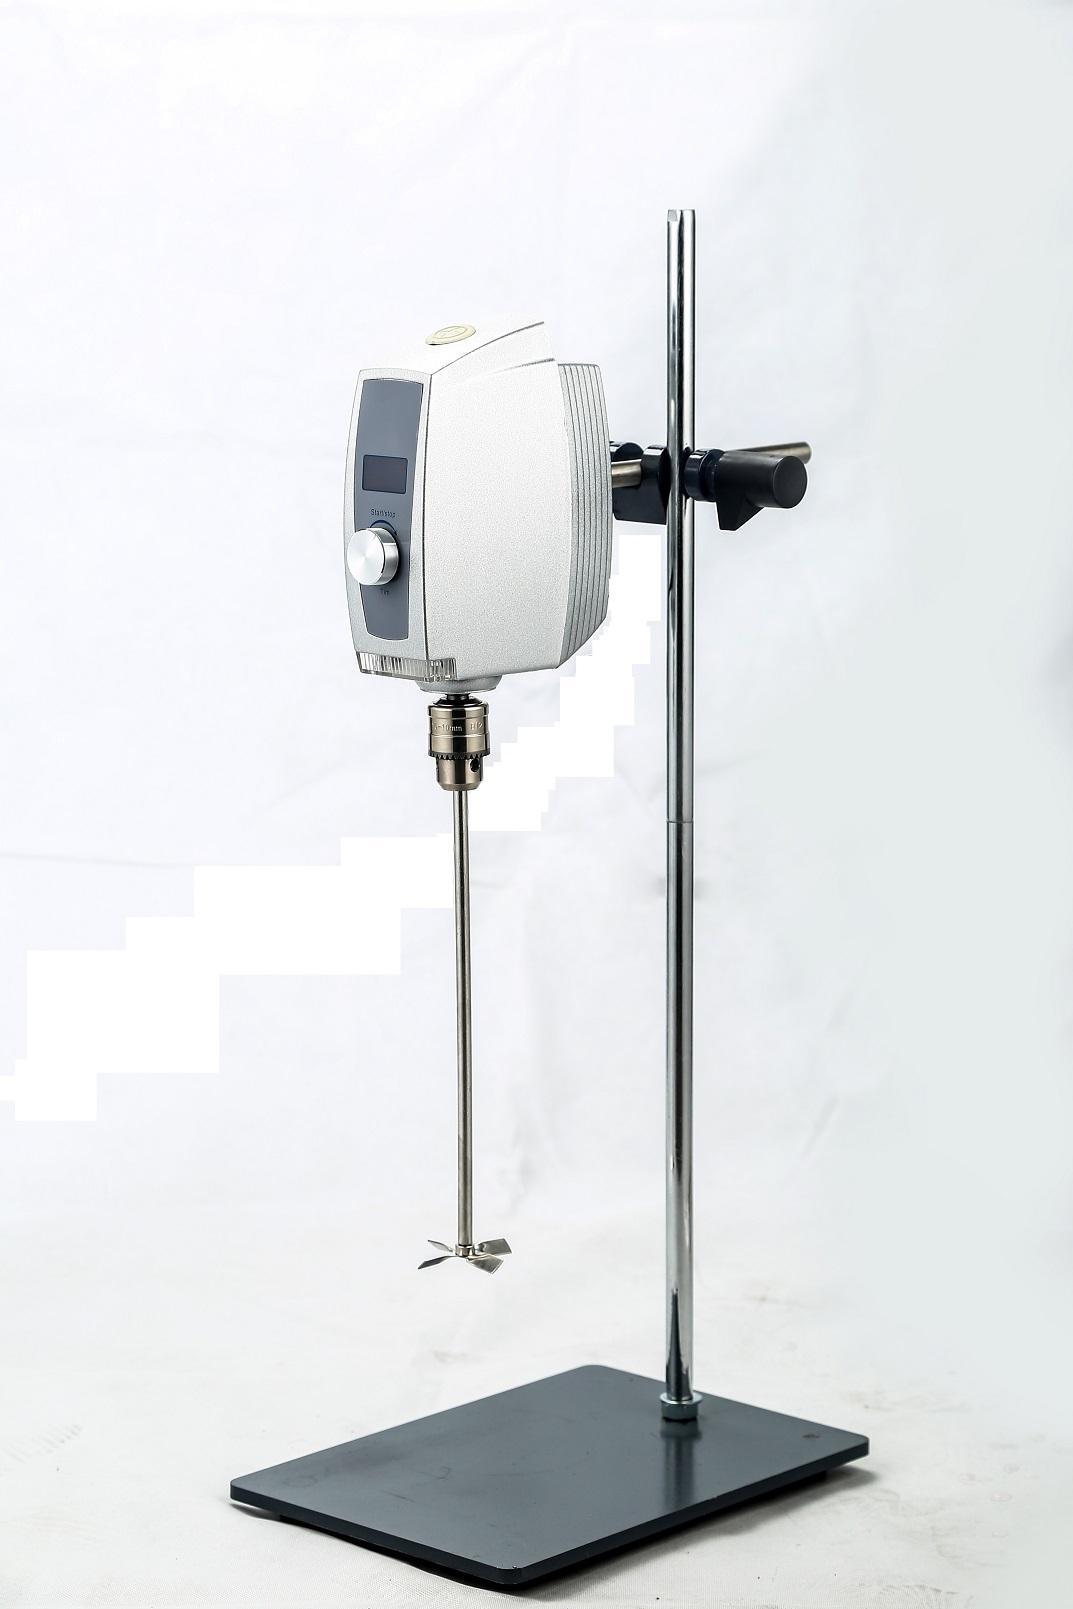 欧之星YK110带扭矩显示搅拌器,计时扭矩显示实验室搅拌器